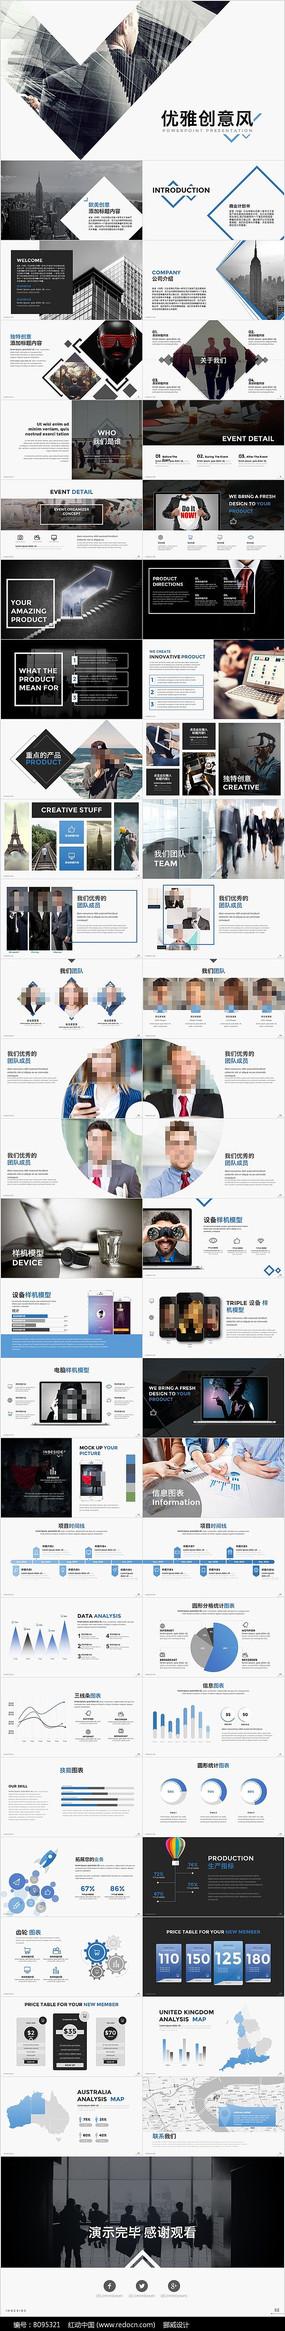 创意欧美版式公司宣传时尚设计ppt